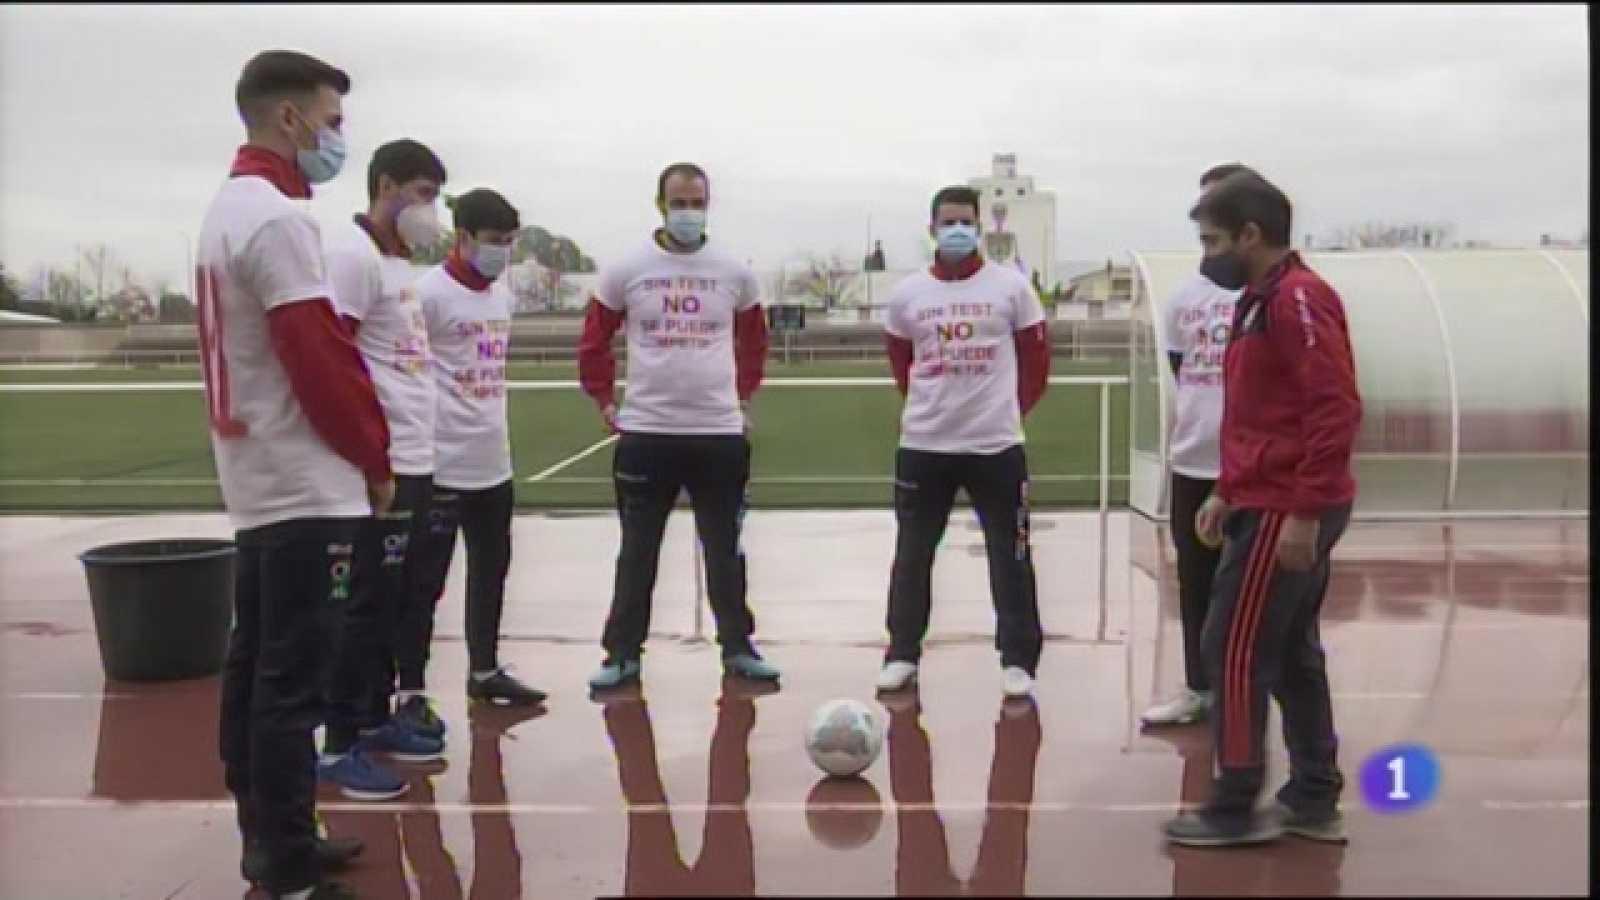 Protesta para pedir test en las categorías de fútbol modestas